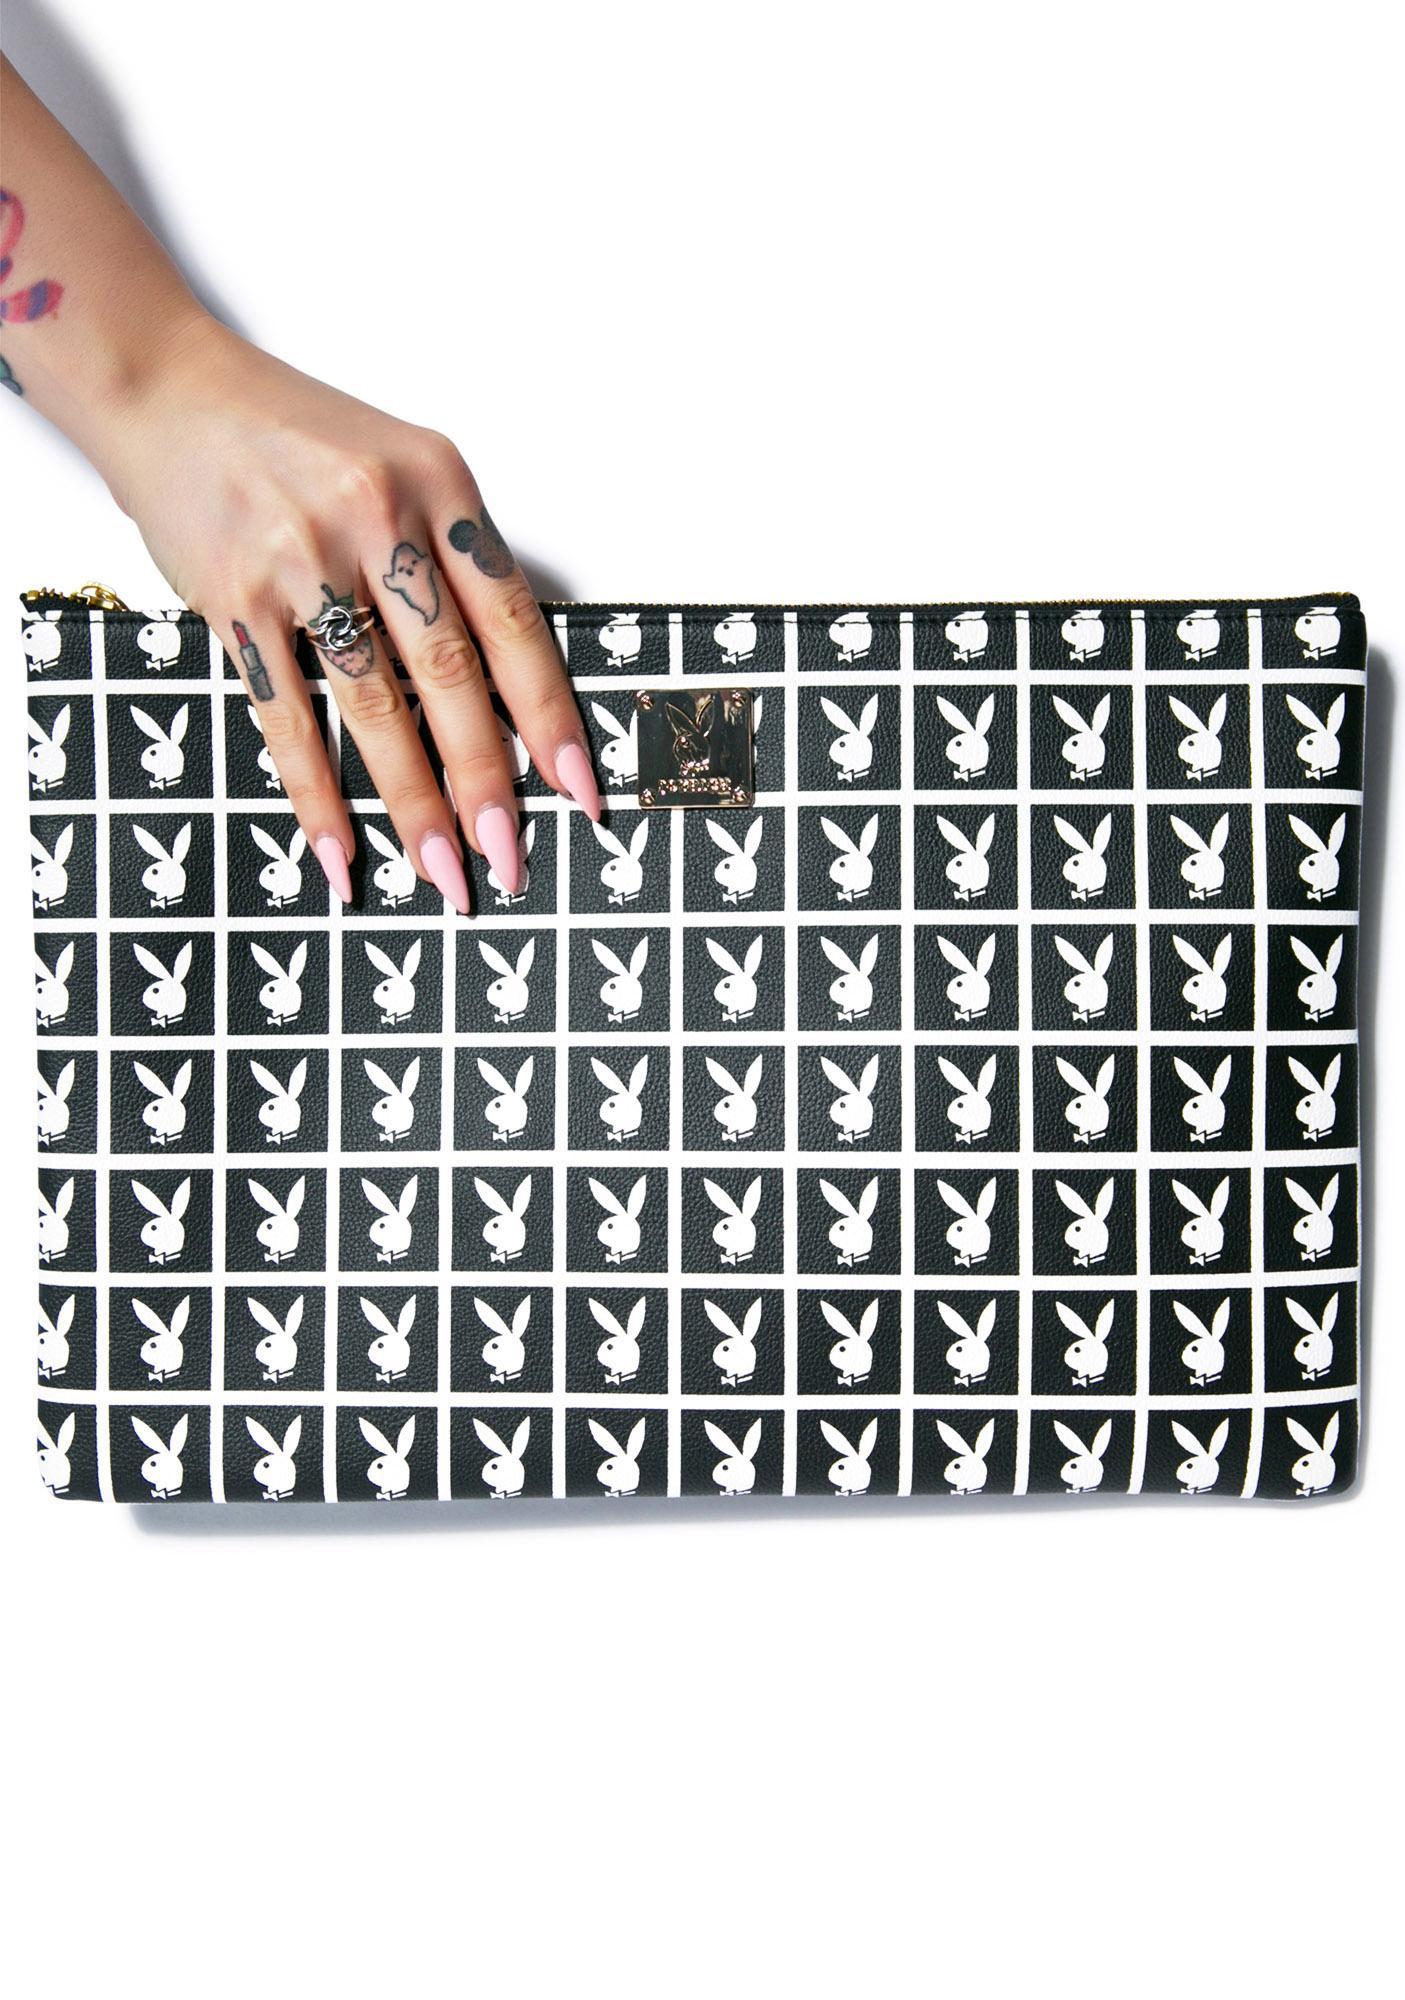 Joyrich X Playboy Panel Clutch Bag